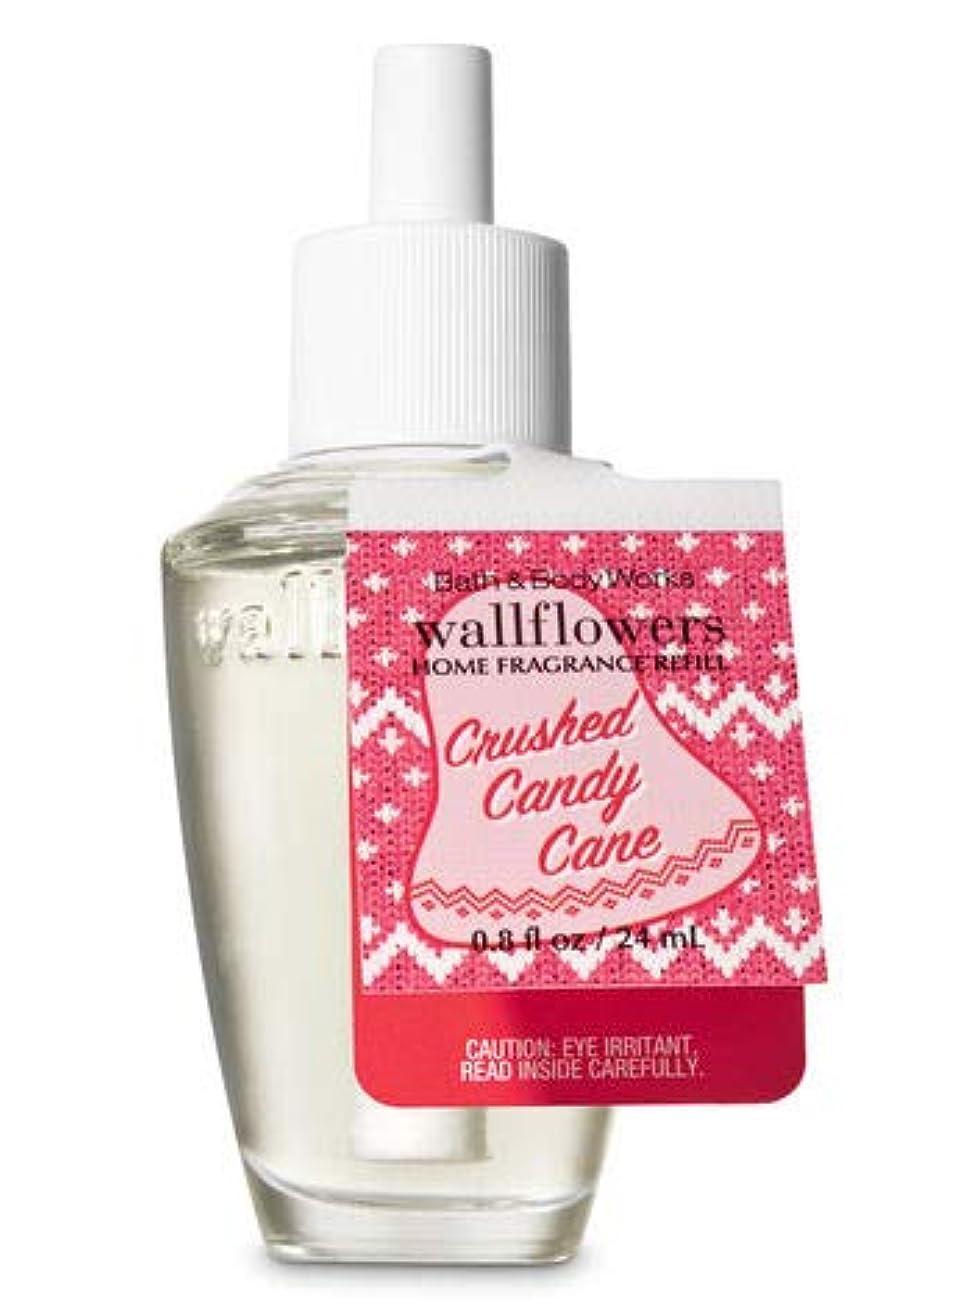 愛するたまに付与【Bath&Body Works/バス&ボディワークス】 ルームフレグランス 詰替えリフィル クラッシュキャンディケイン Wallflowers Home Fragrance Refill Crushed Candy Cane [並行輸入品]